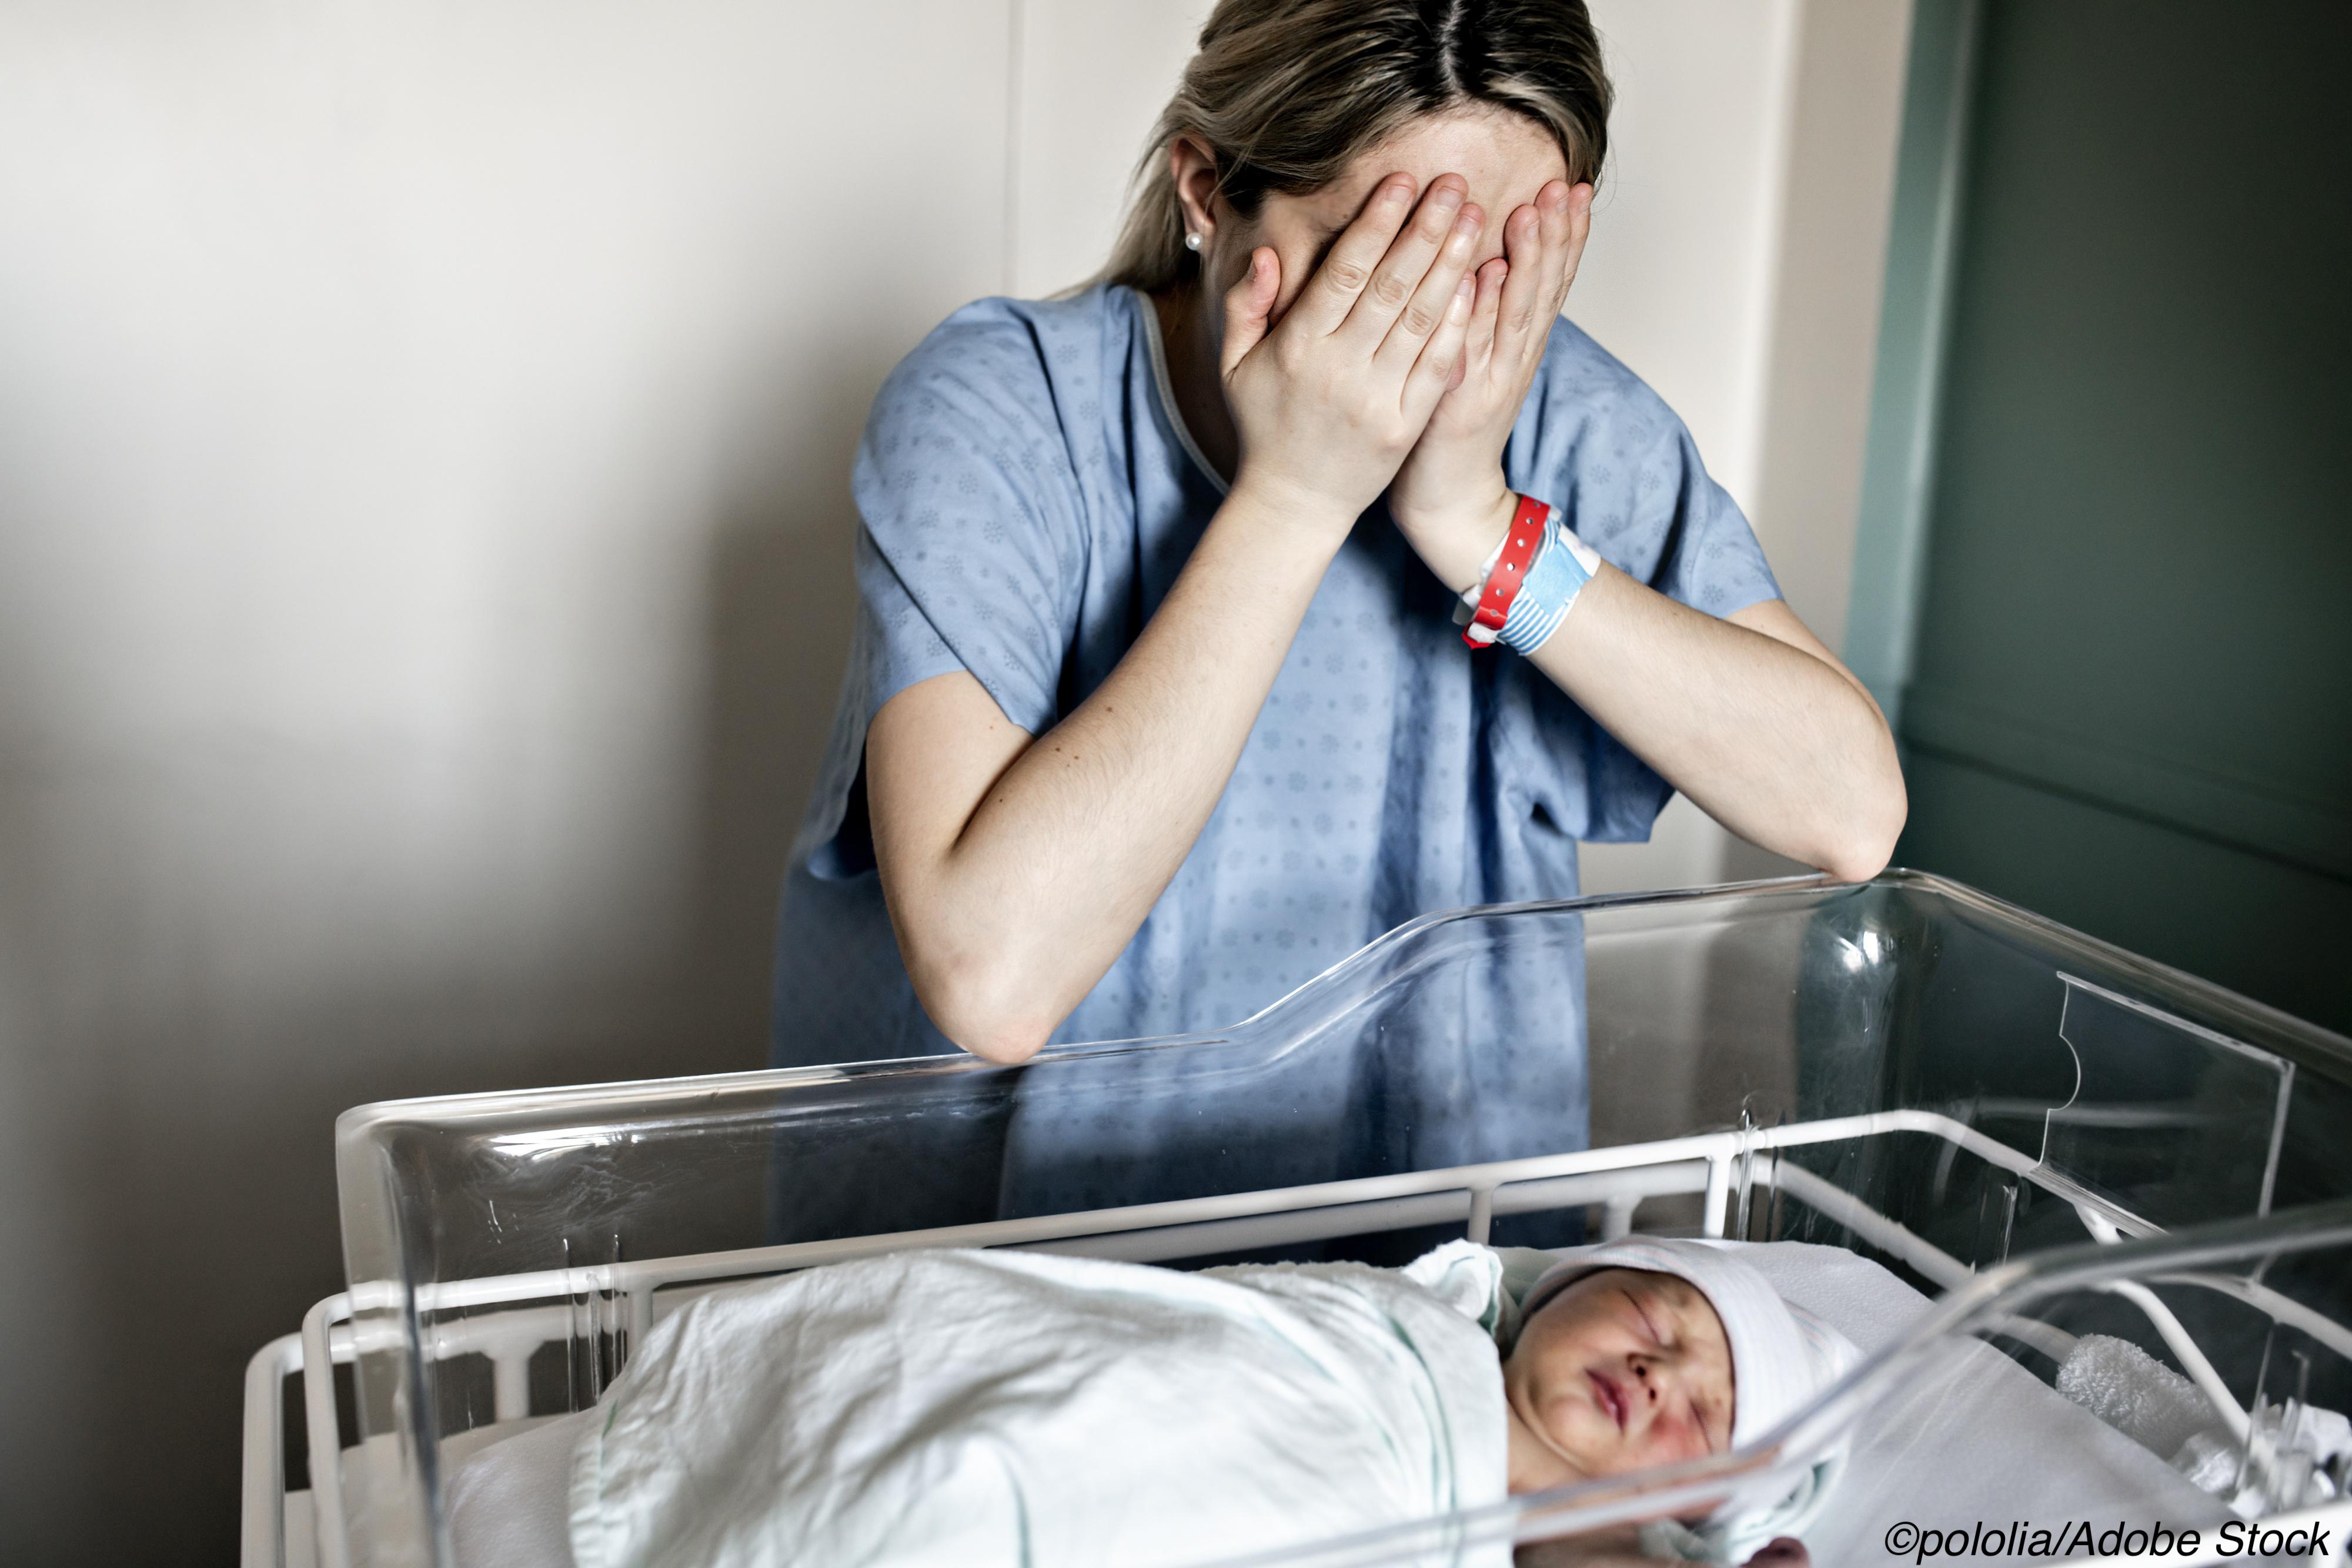 严重的孕产妇发病率:分娩出院后风险仍然存在